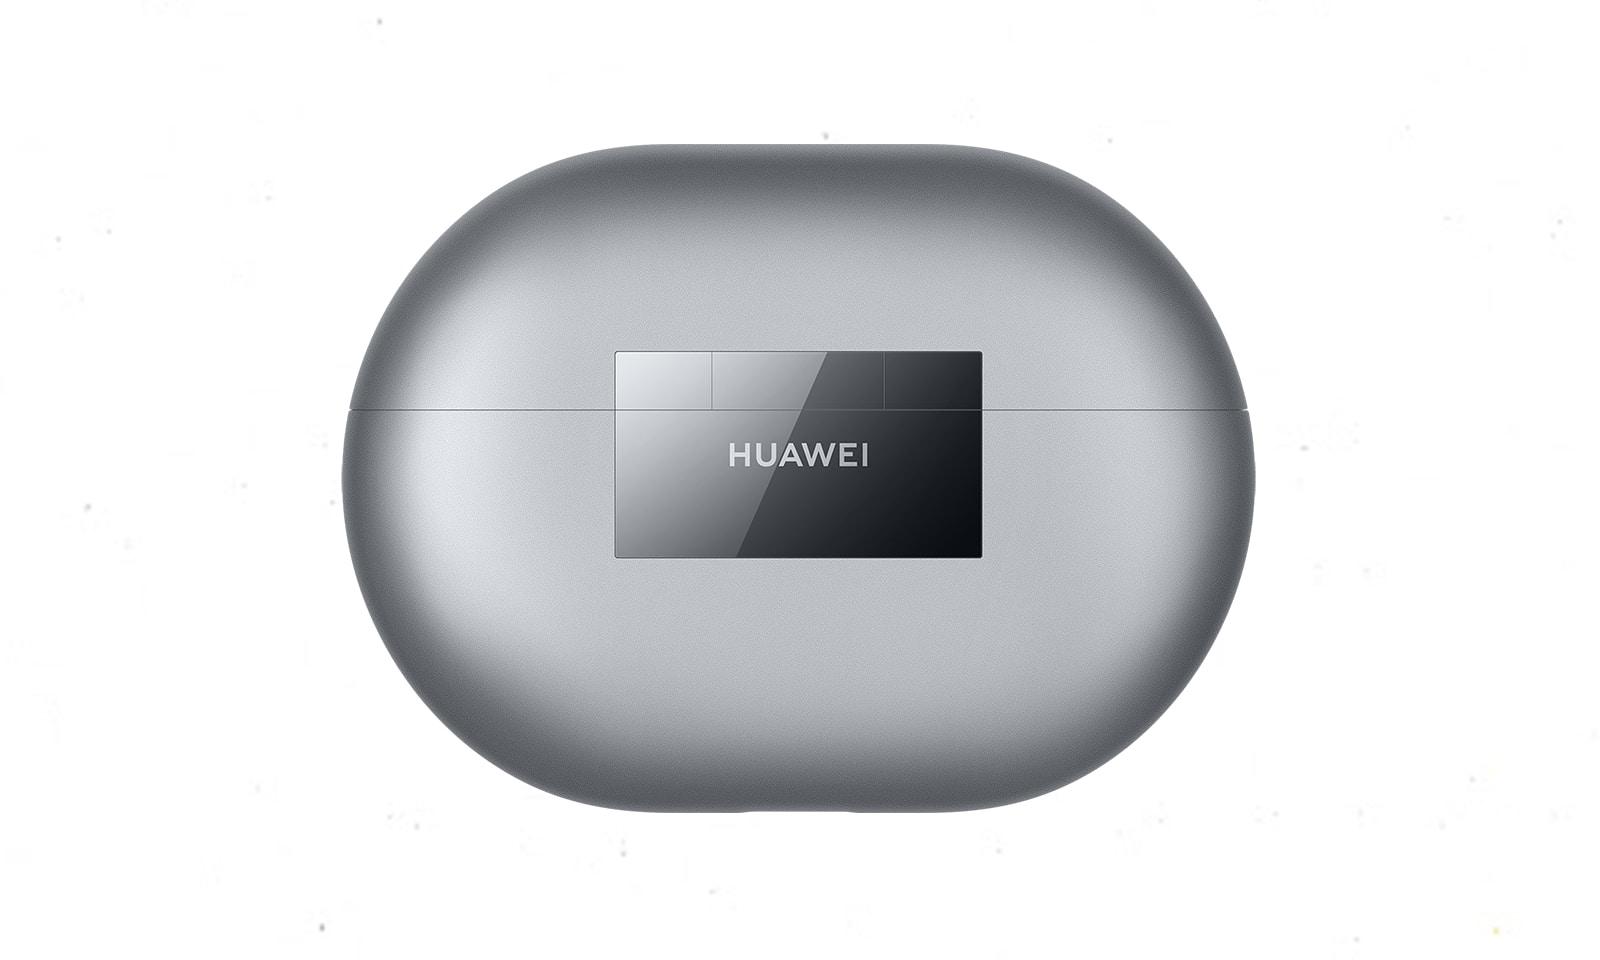 Les Huawei FreeBuds Pro en vente à Maurice depuis le 5 février